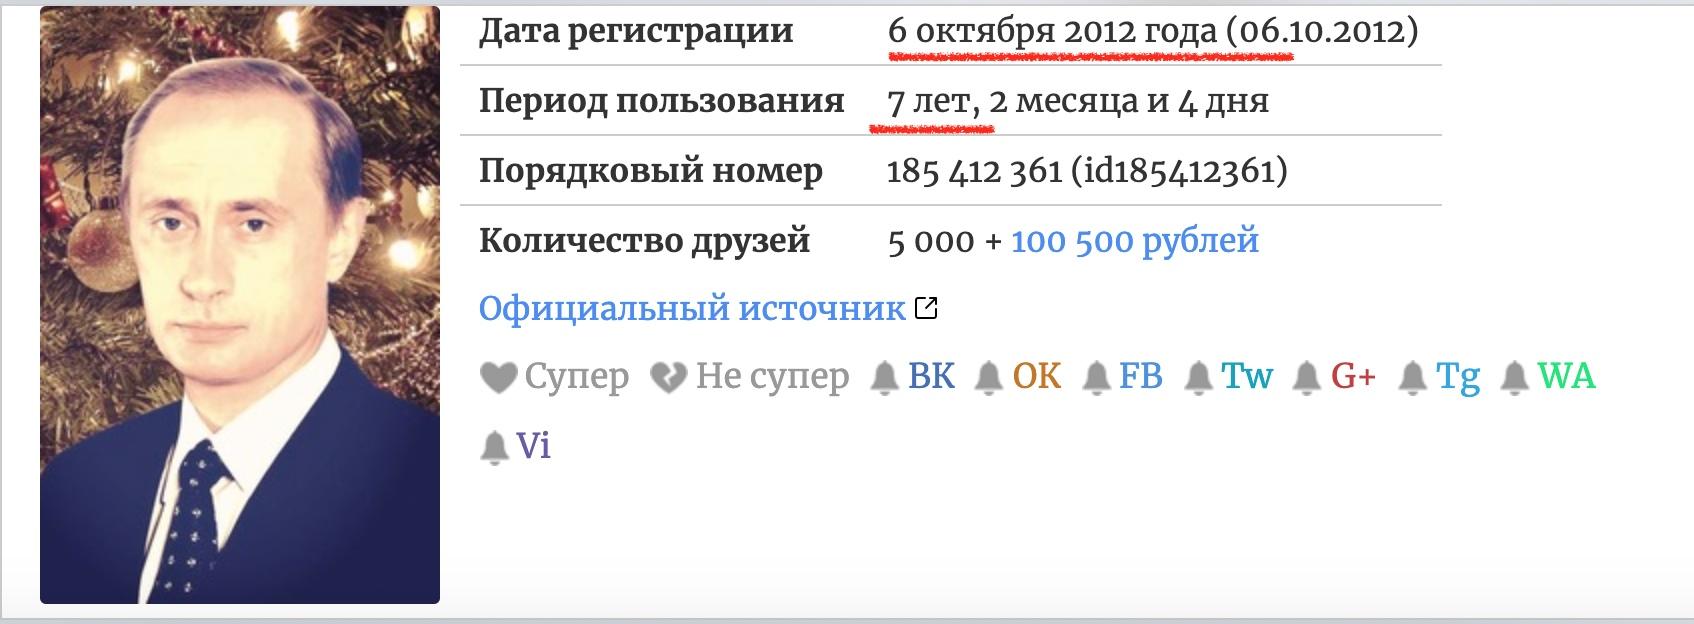 МОД «АллатРа». Часть 3. Миссия «Президент РФ» или инструмент манипуляции доверием, изображение №8